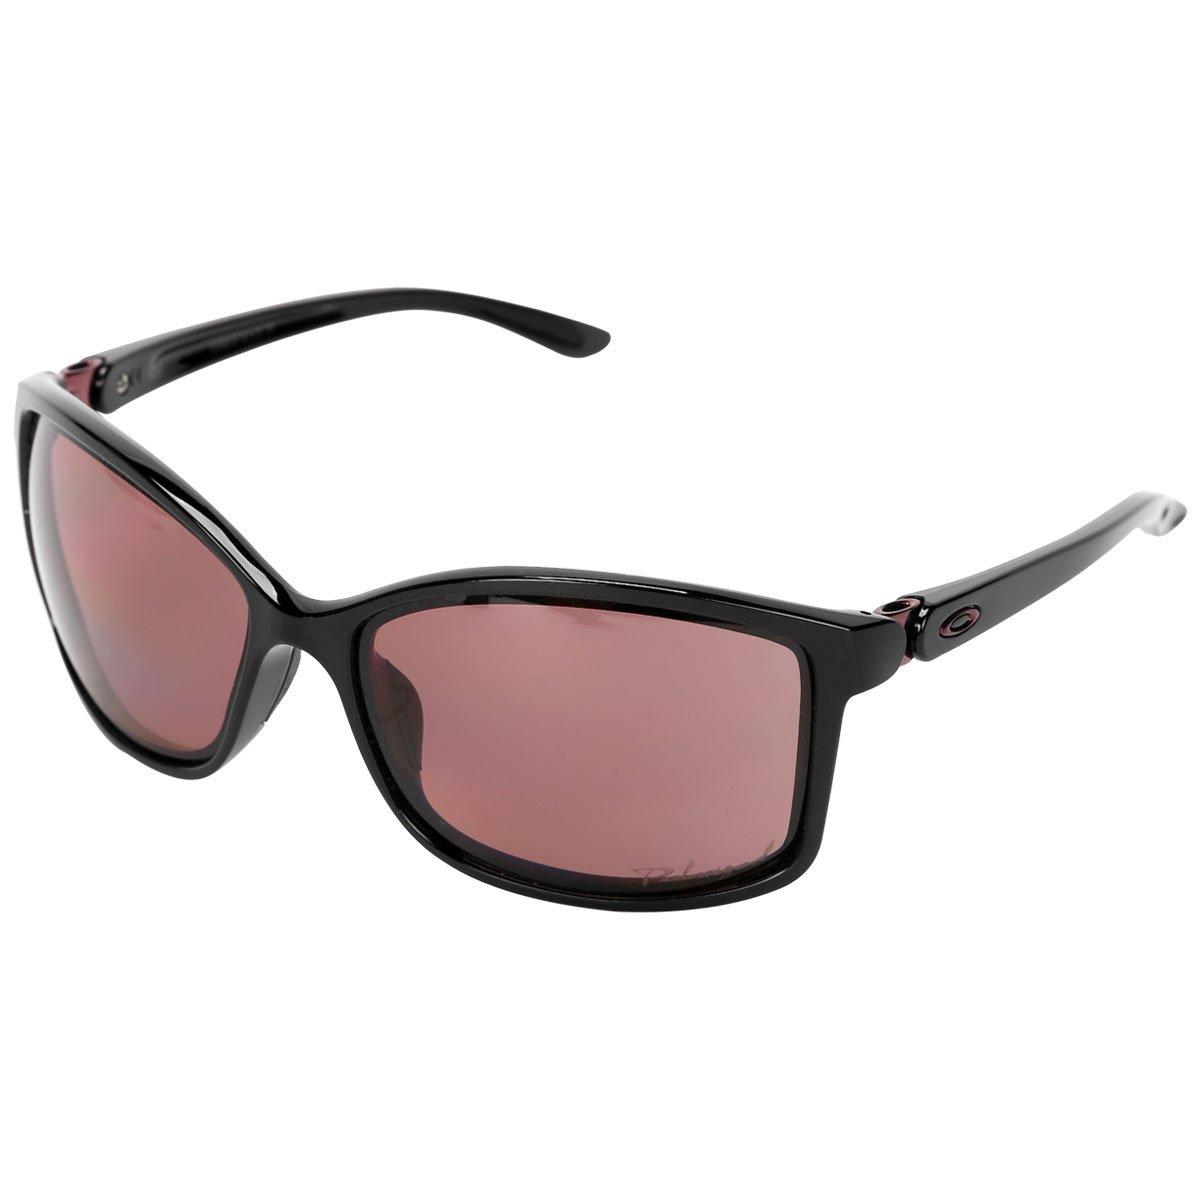 Óculos de Sol Oakley Step Up - Compre Agora   Netshoes 7270808a78